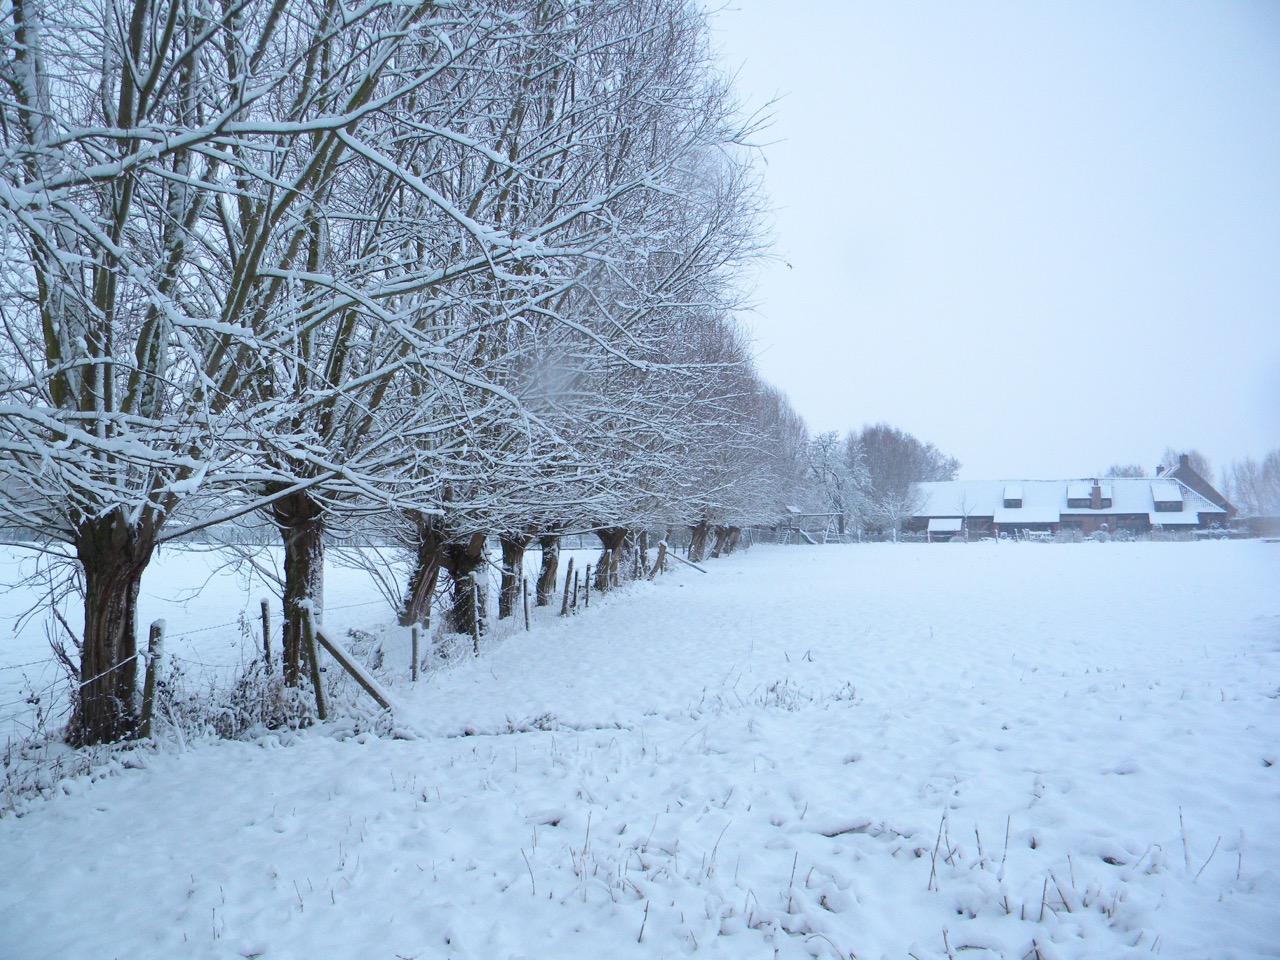 vergezicht van onze vakantiewoning in de sneeuw met de door knotwilgen omzoomde tuin